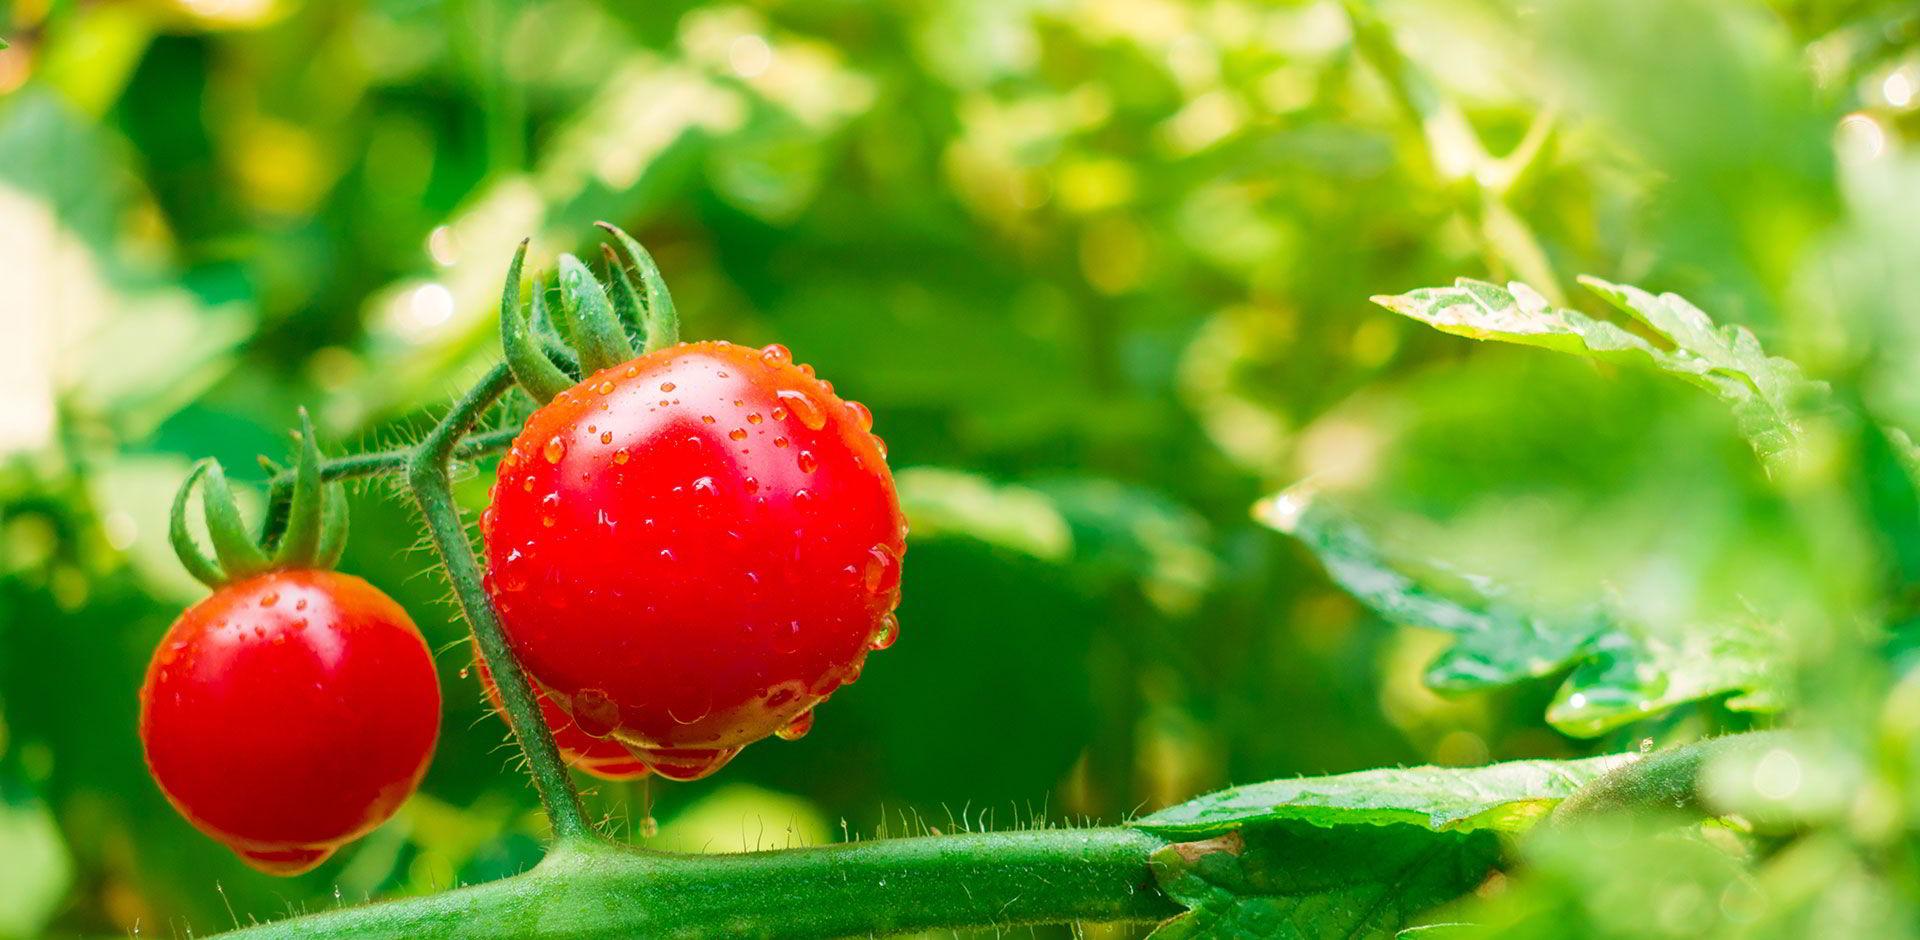 Gros plan sur des tomates cerise avec des goutelettes d'eau